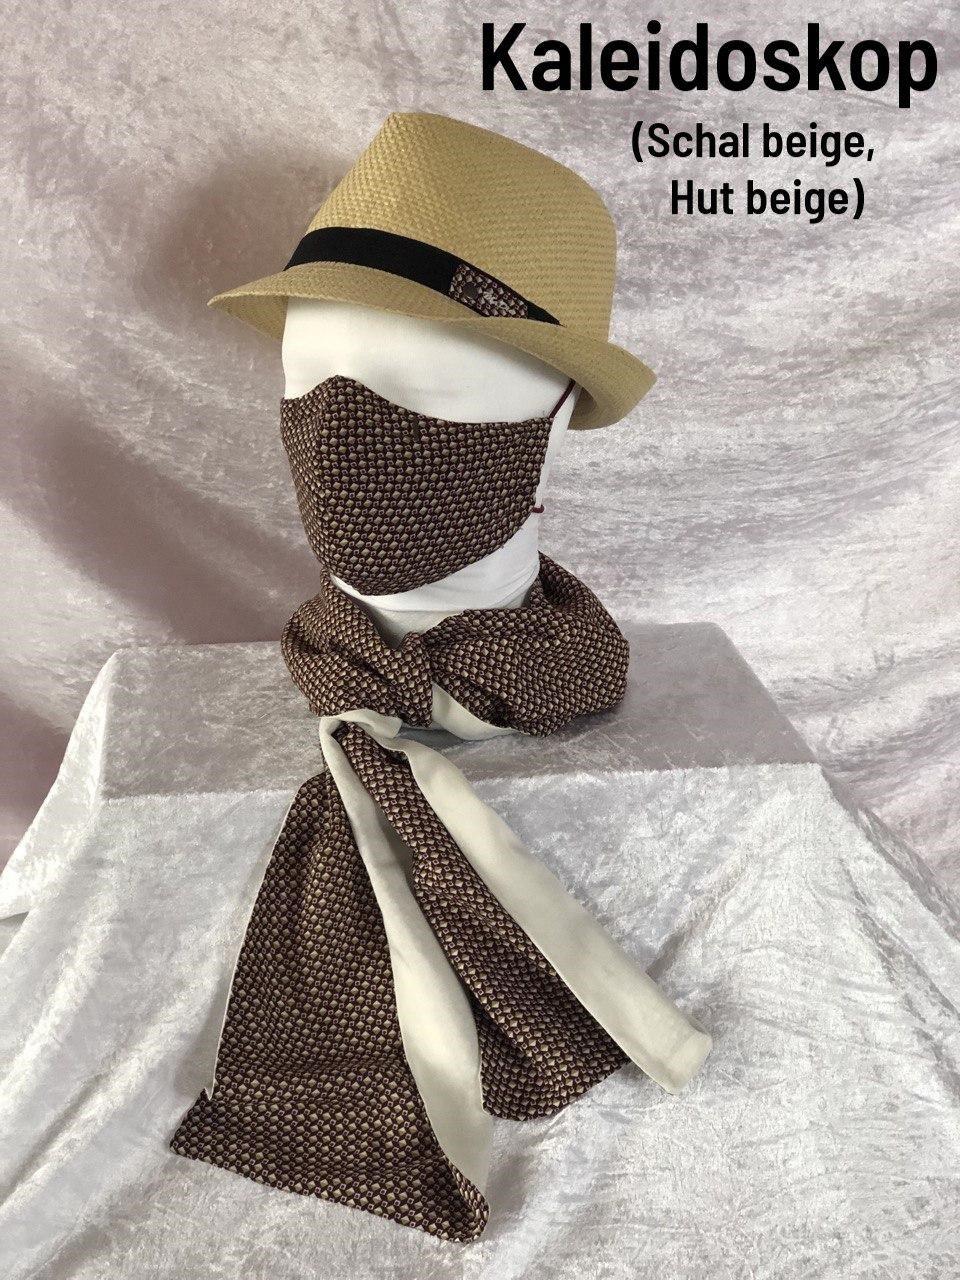 F2 - Maske + Schal beige + Hut beige